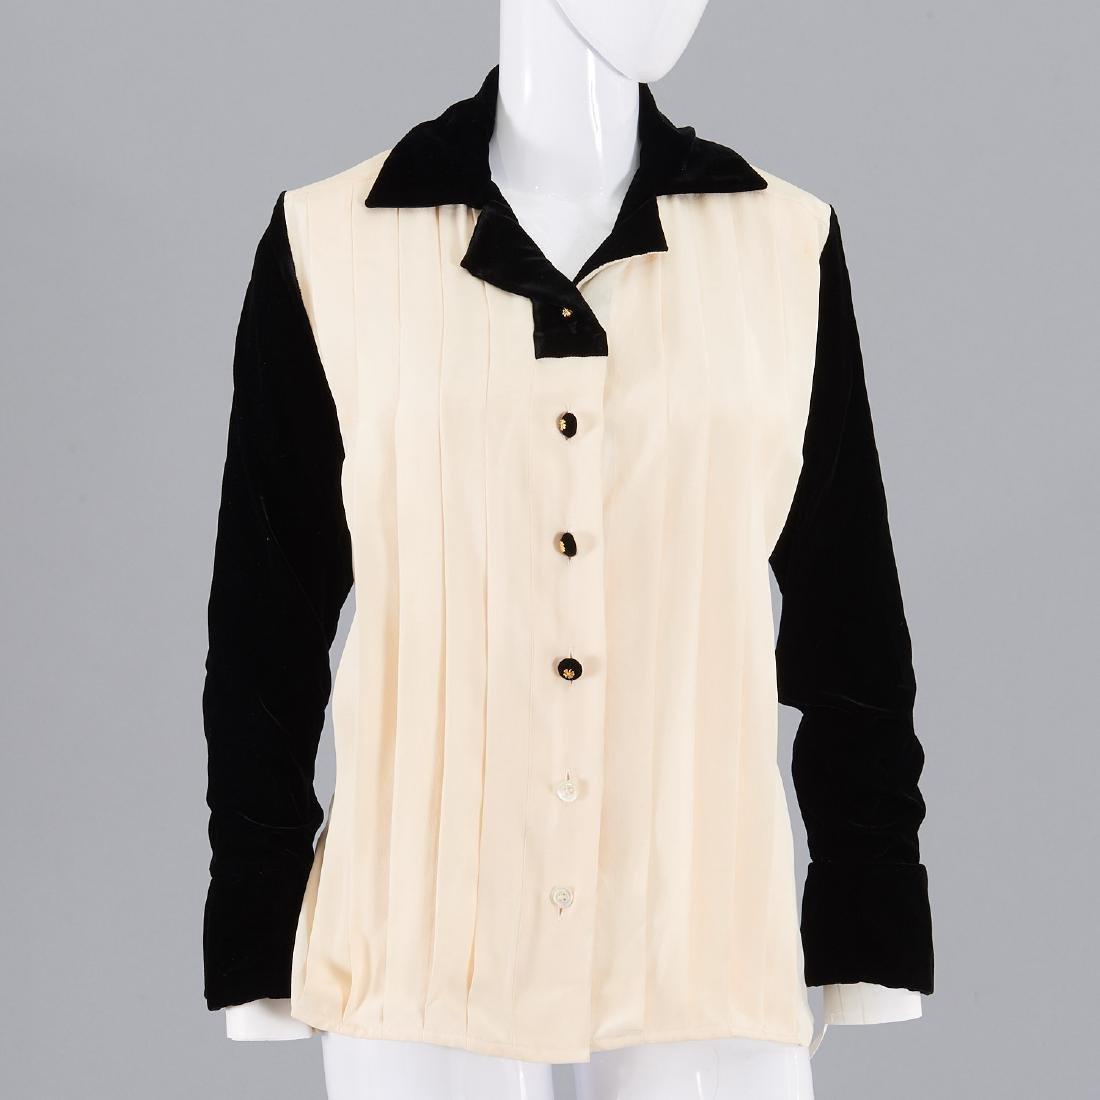 Chanel cream silk blouse with black velvet